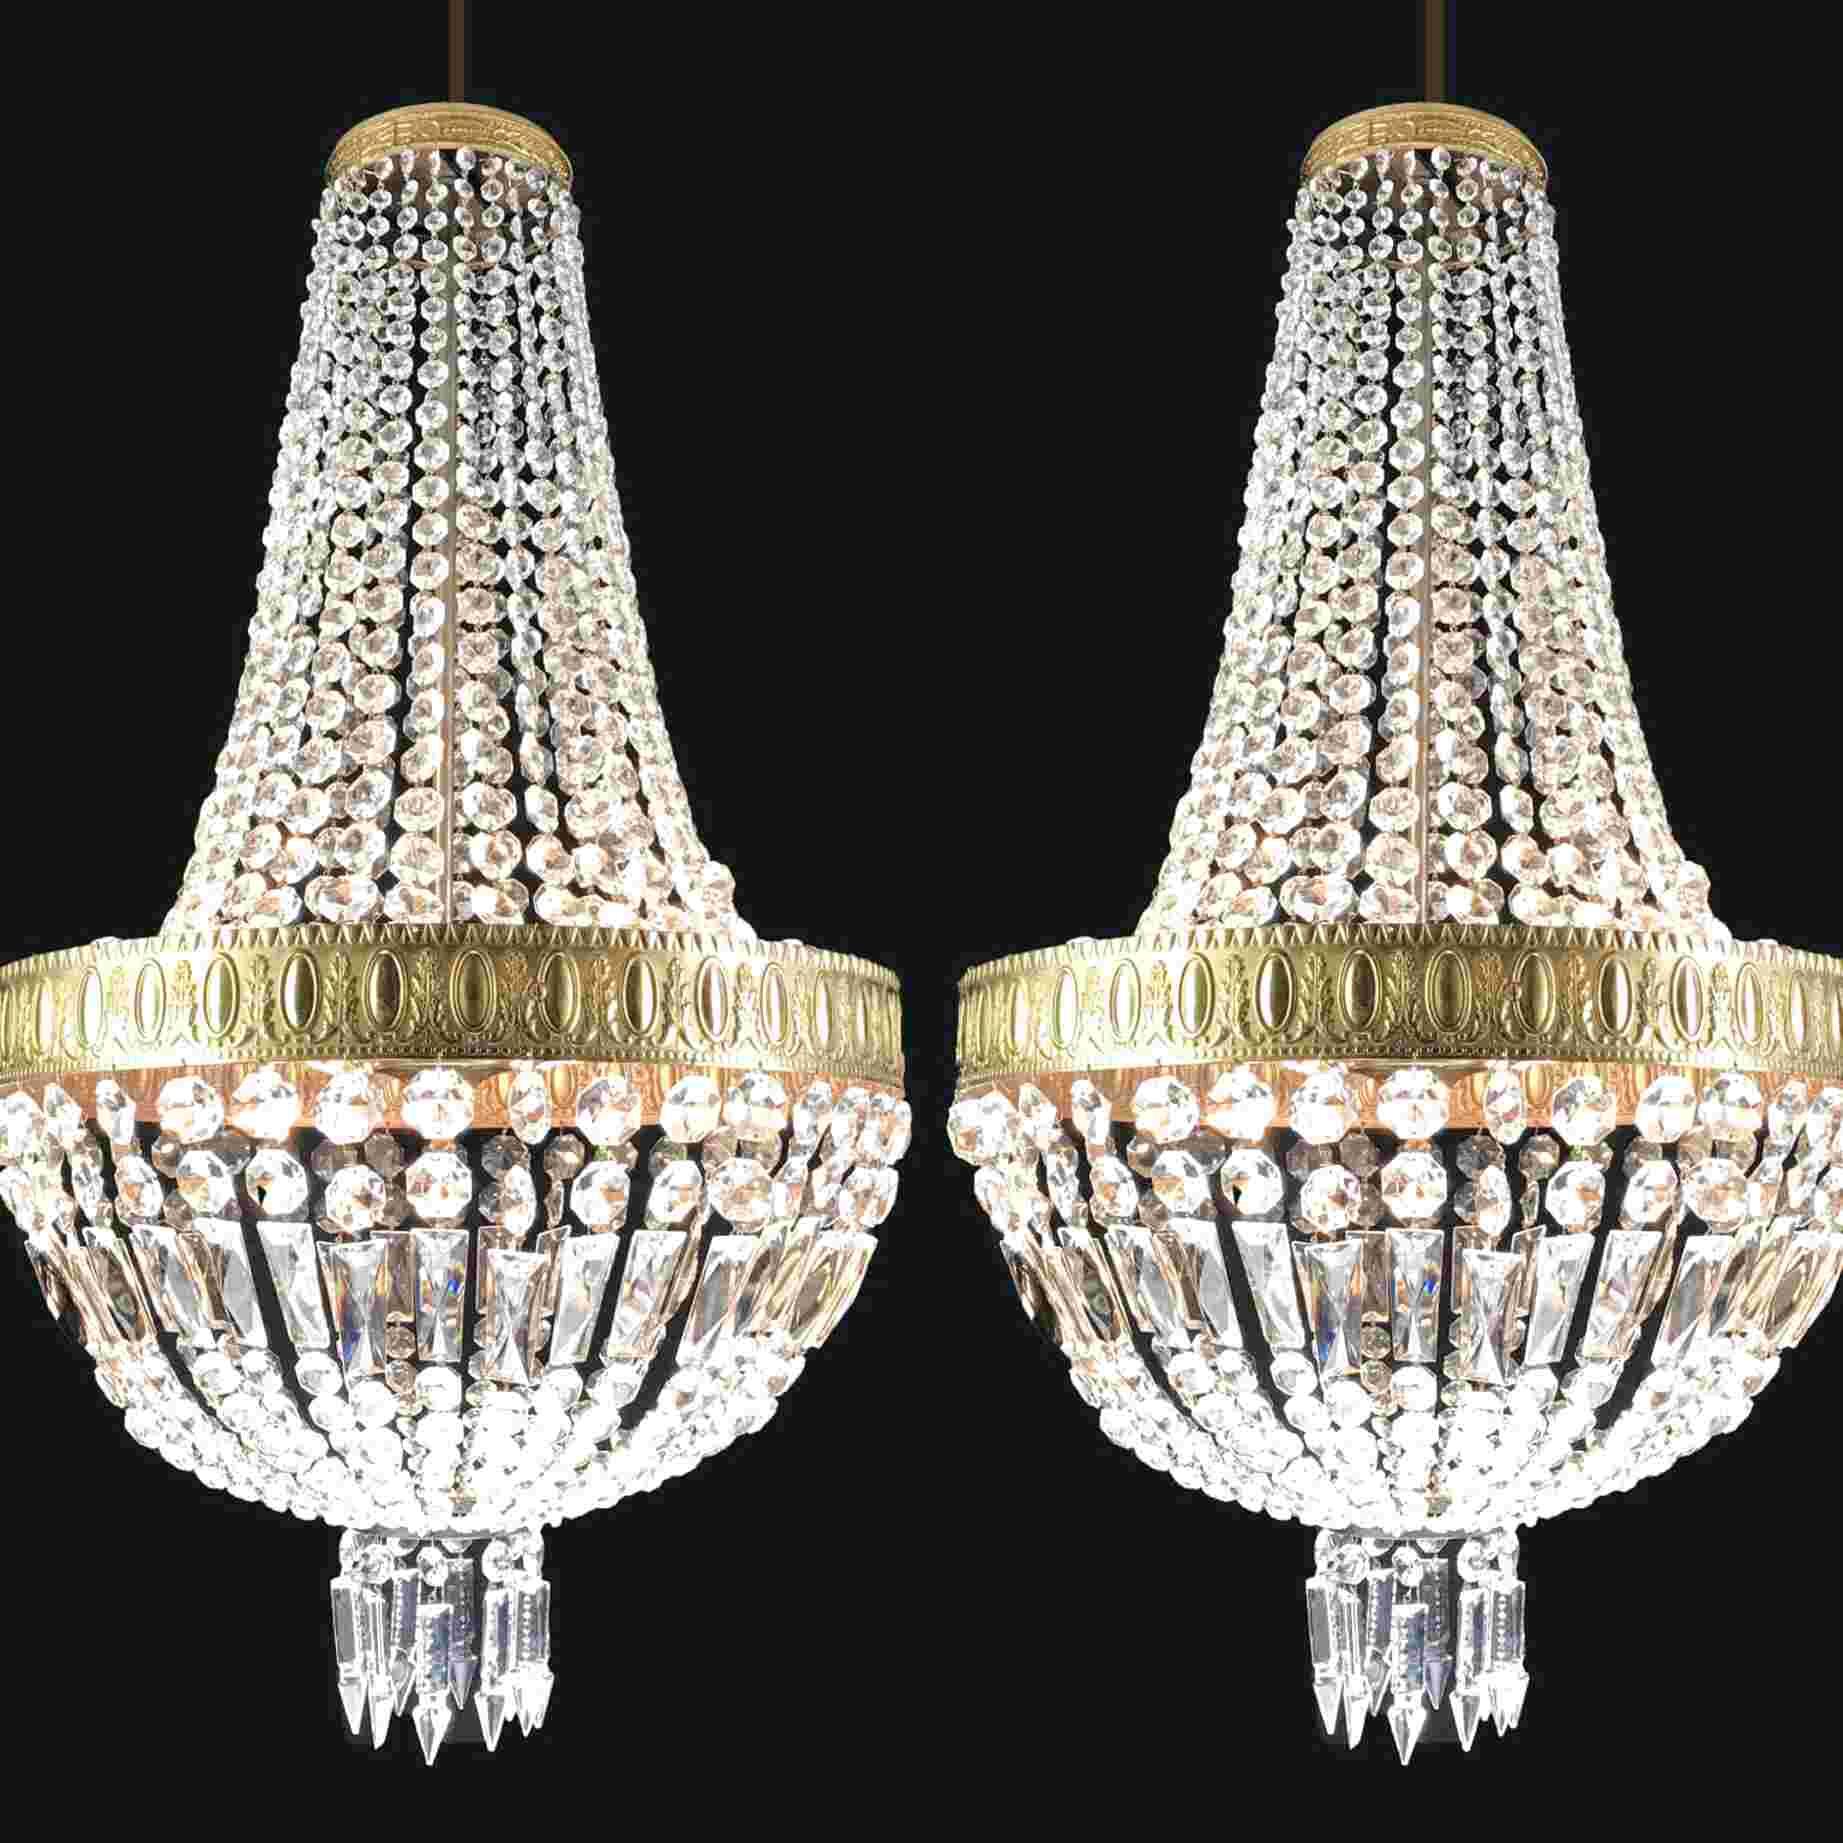 Lampadario Gocce Cristallo Usato.Coppia Lampadari Cristallo Usato In Italia Vedi Tutte I 44 Prezzi